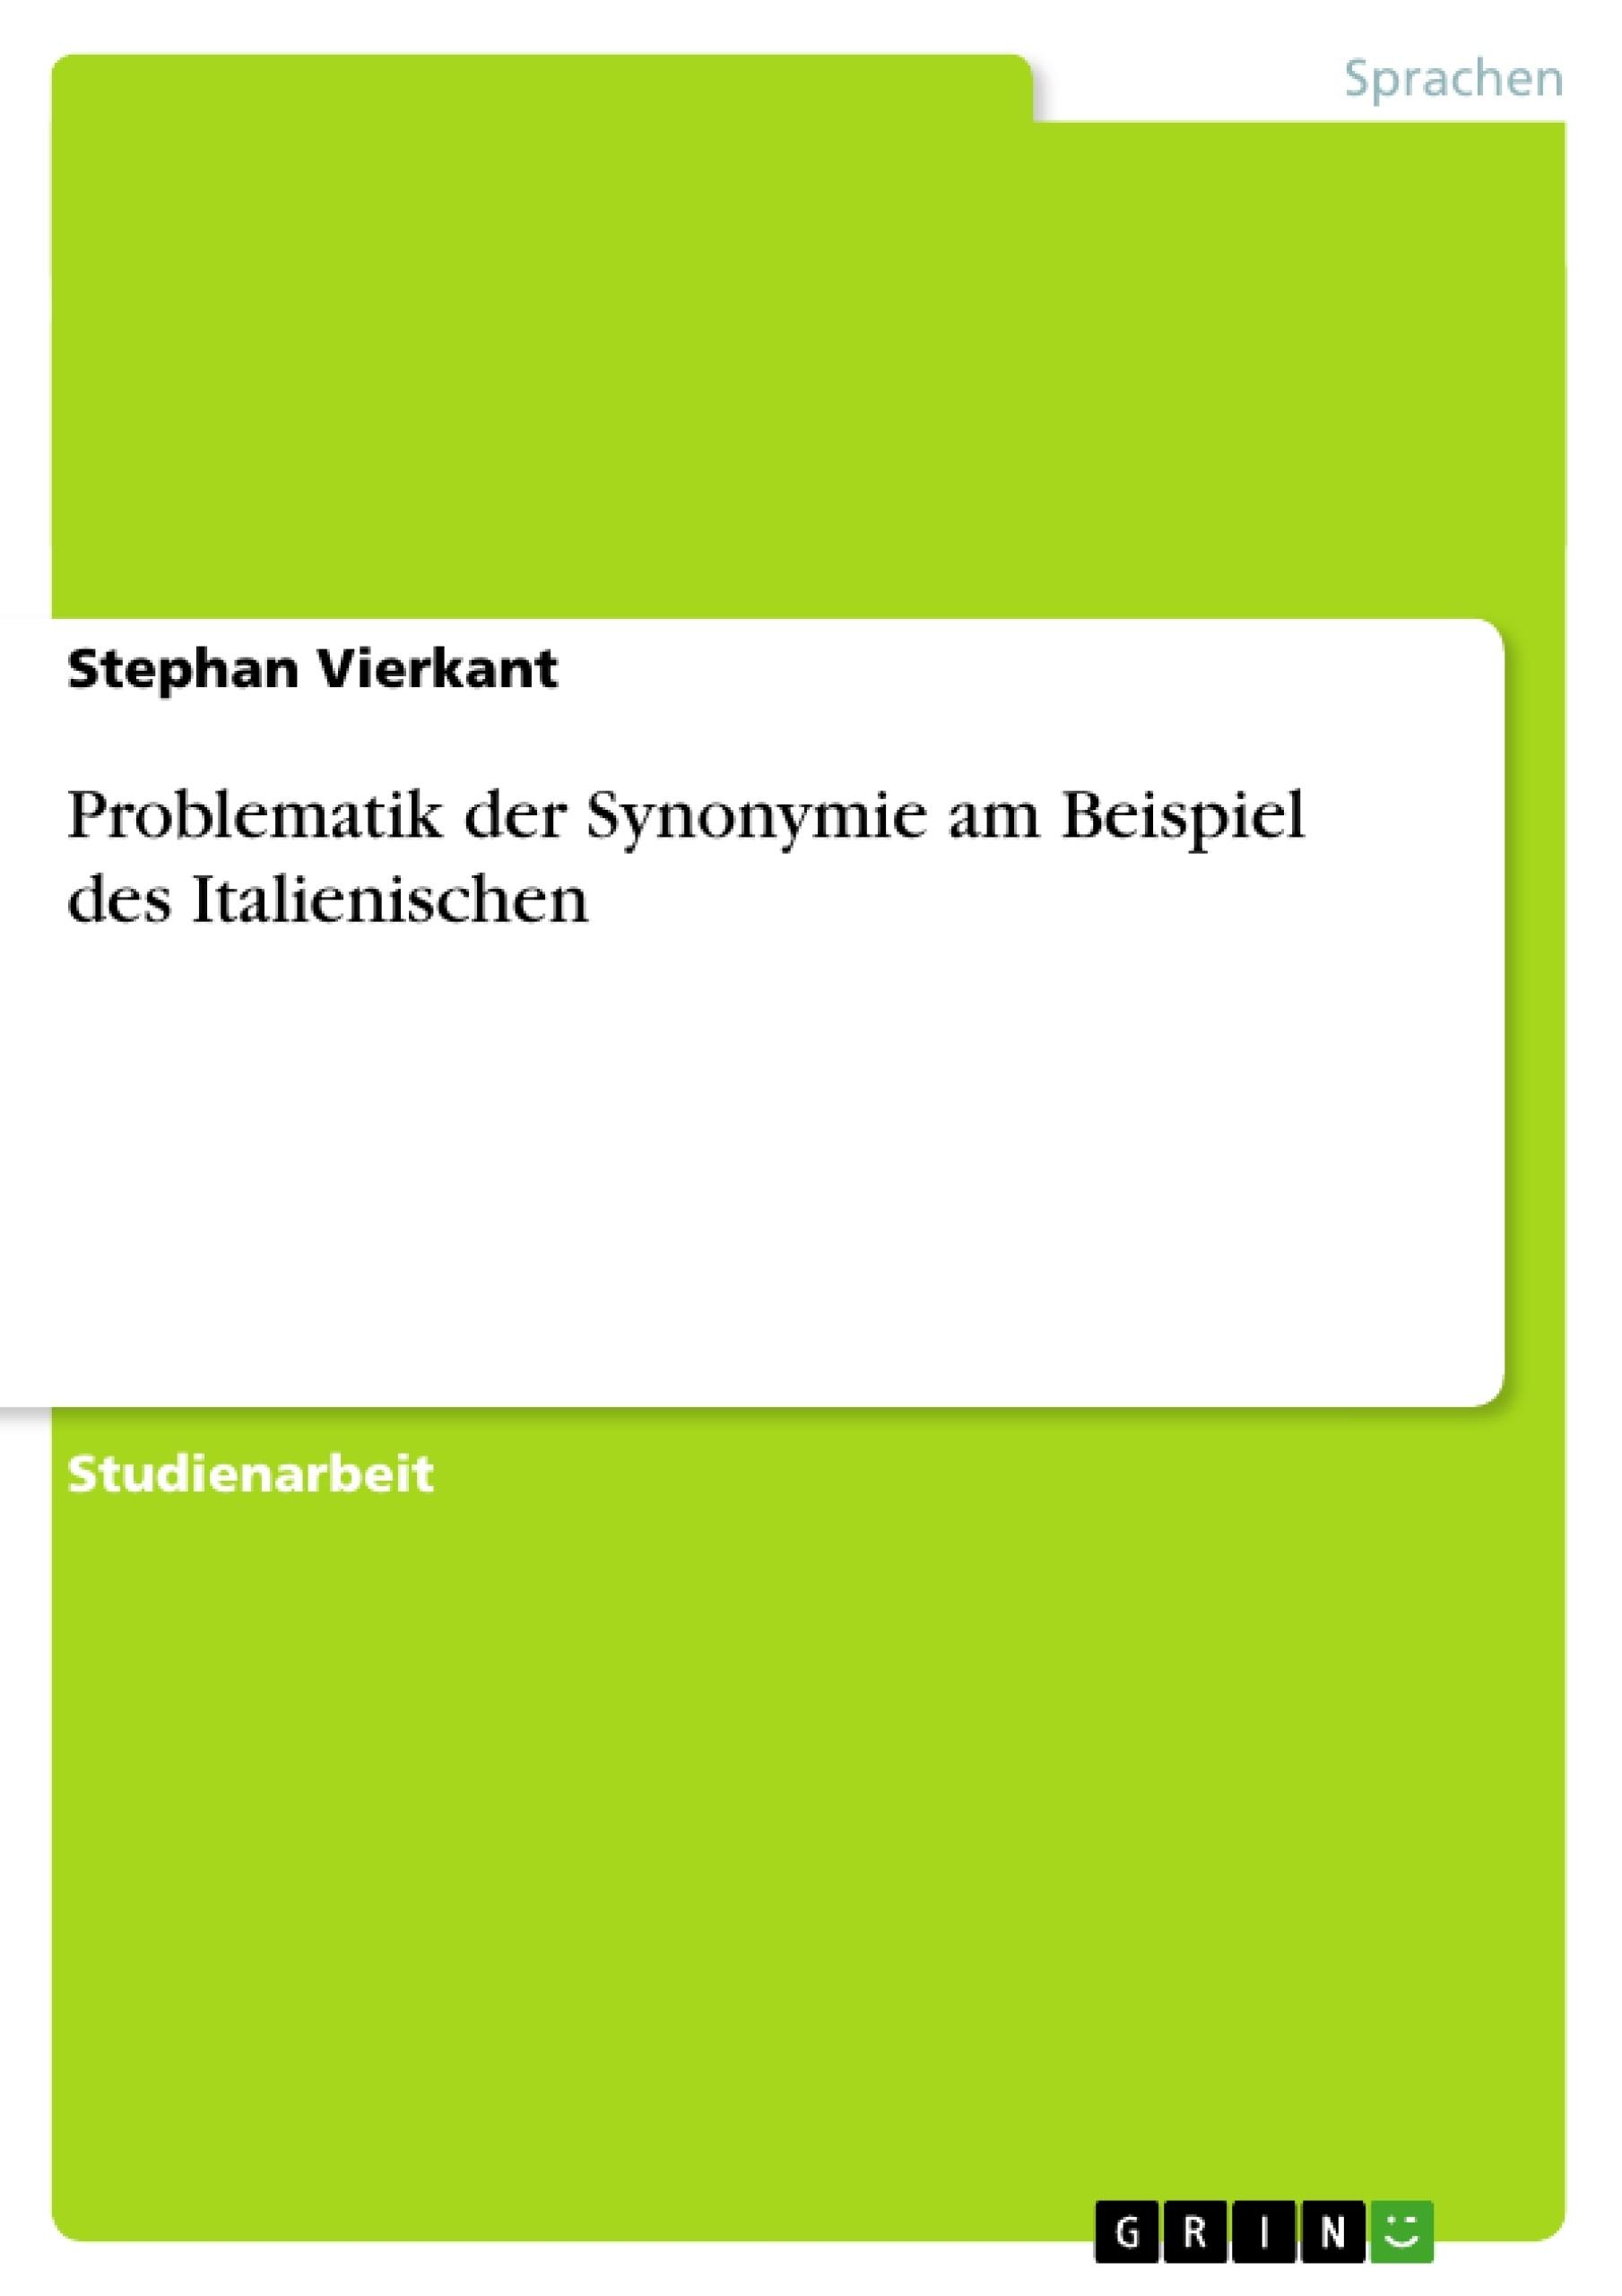 Titel: Problematik der Synonymie am Beispiel des Italienischen